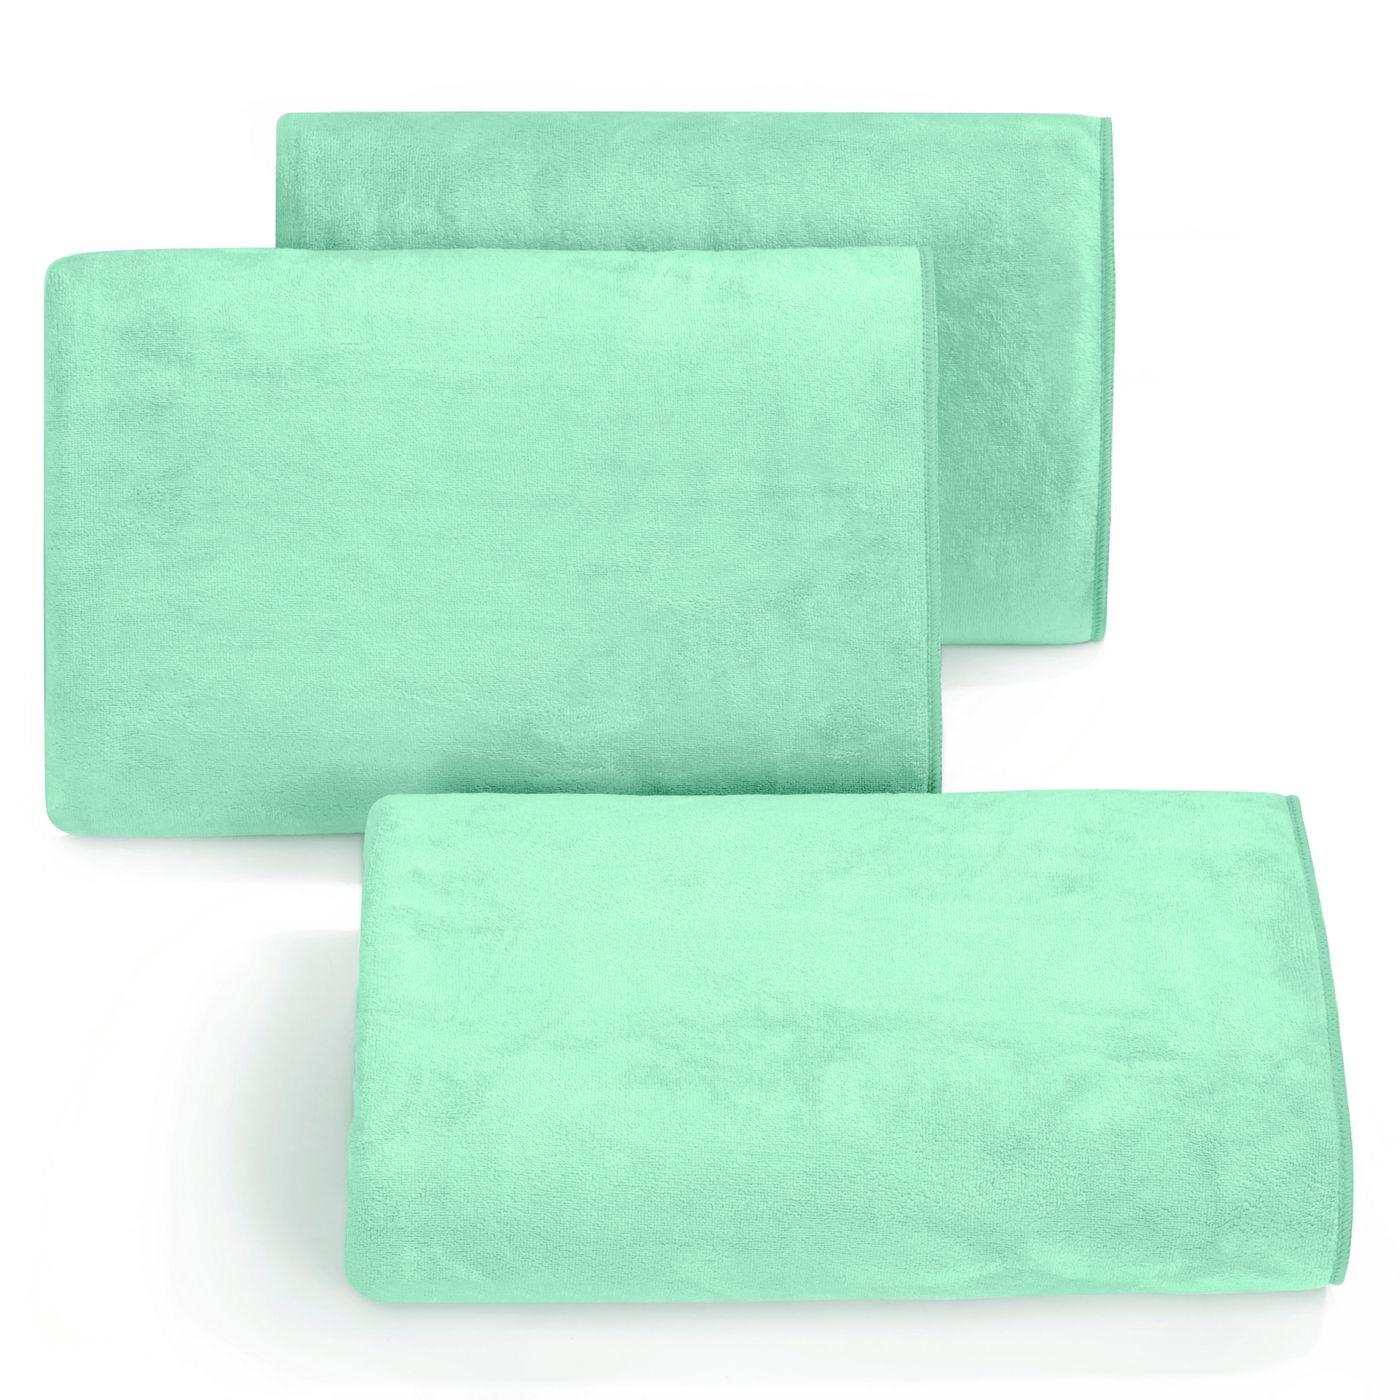 Ręcznik z mikrofibry szybkoschnący jasnoturkusowy 50x90cm